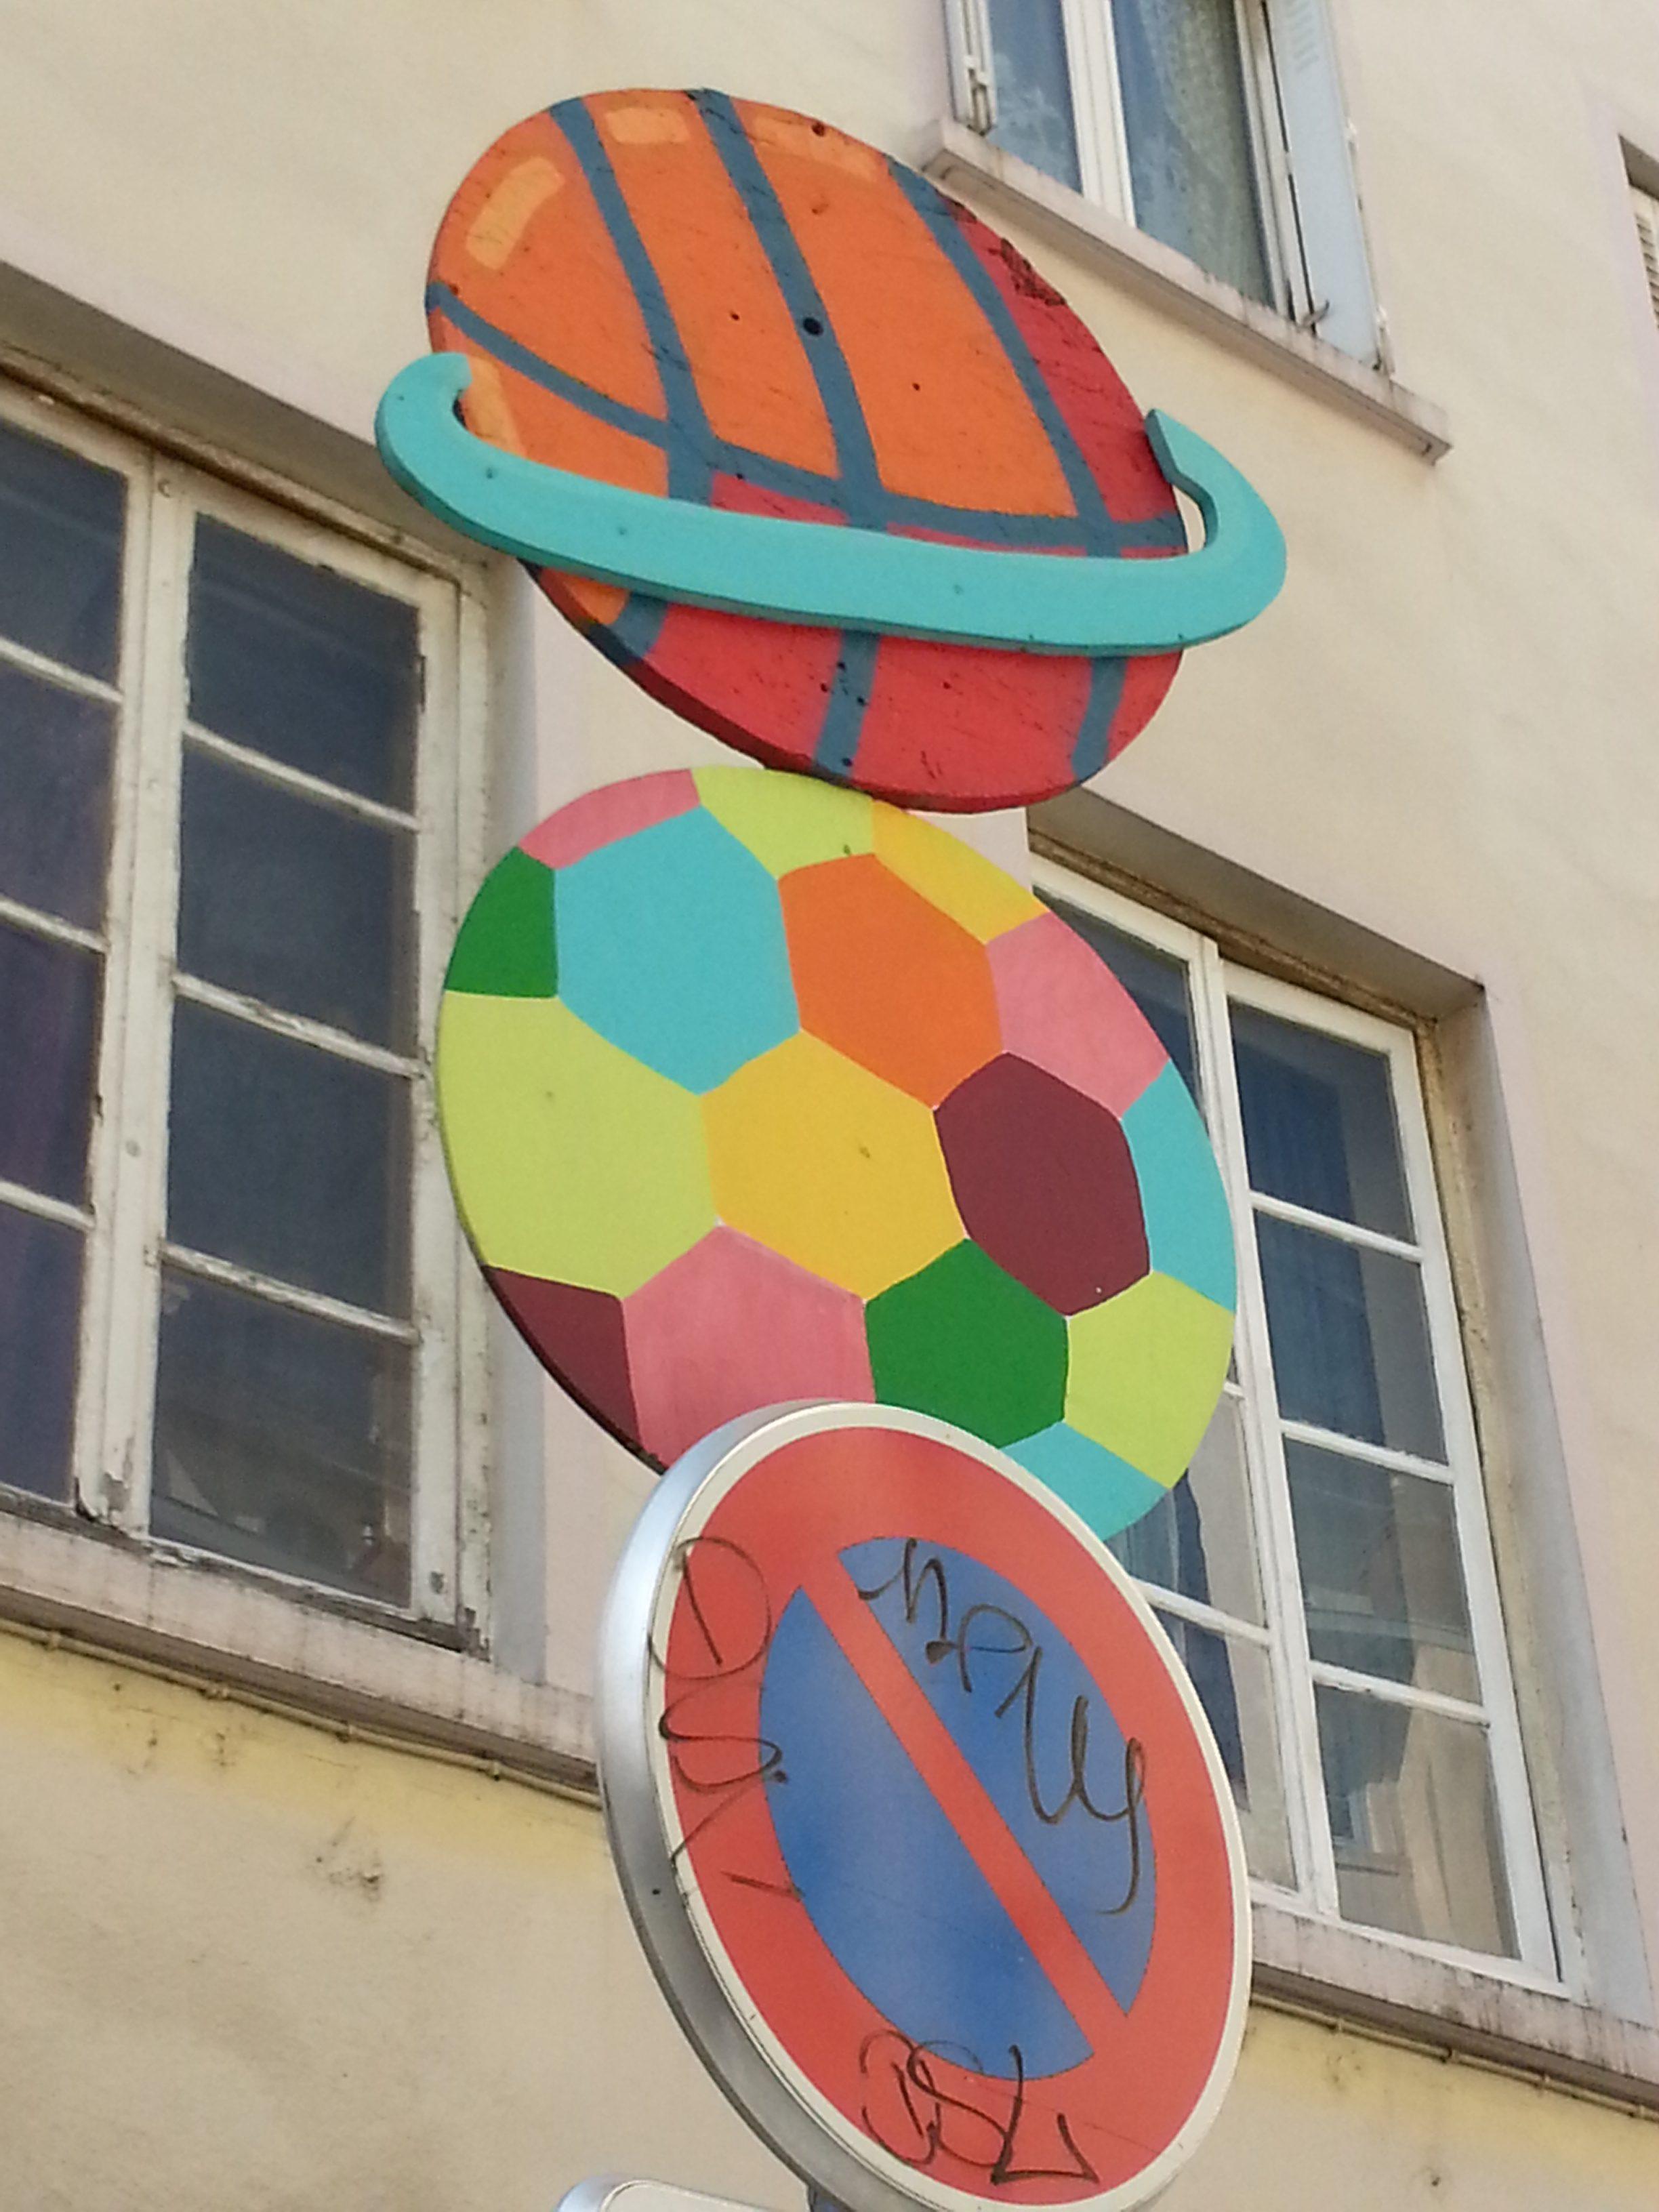 street art pentes croix rousse lyon 28 panneaux